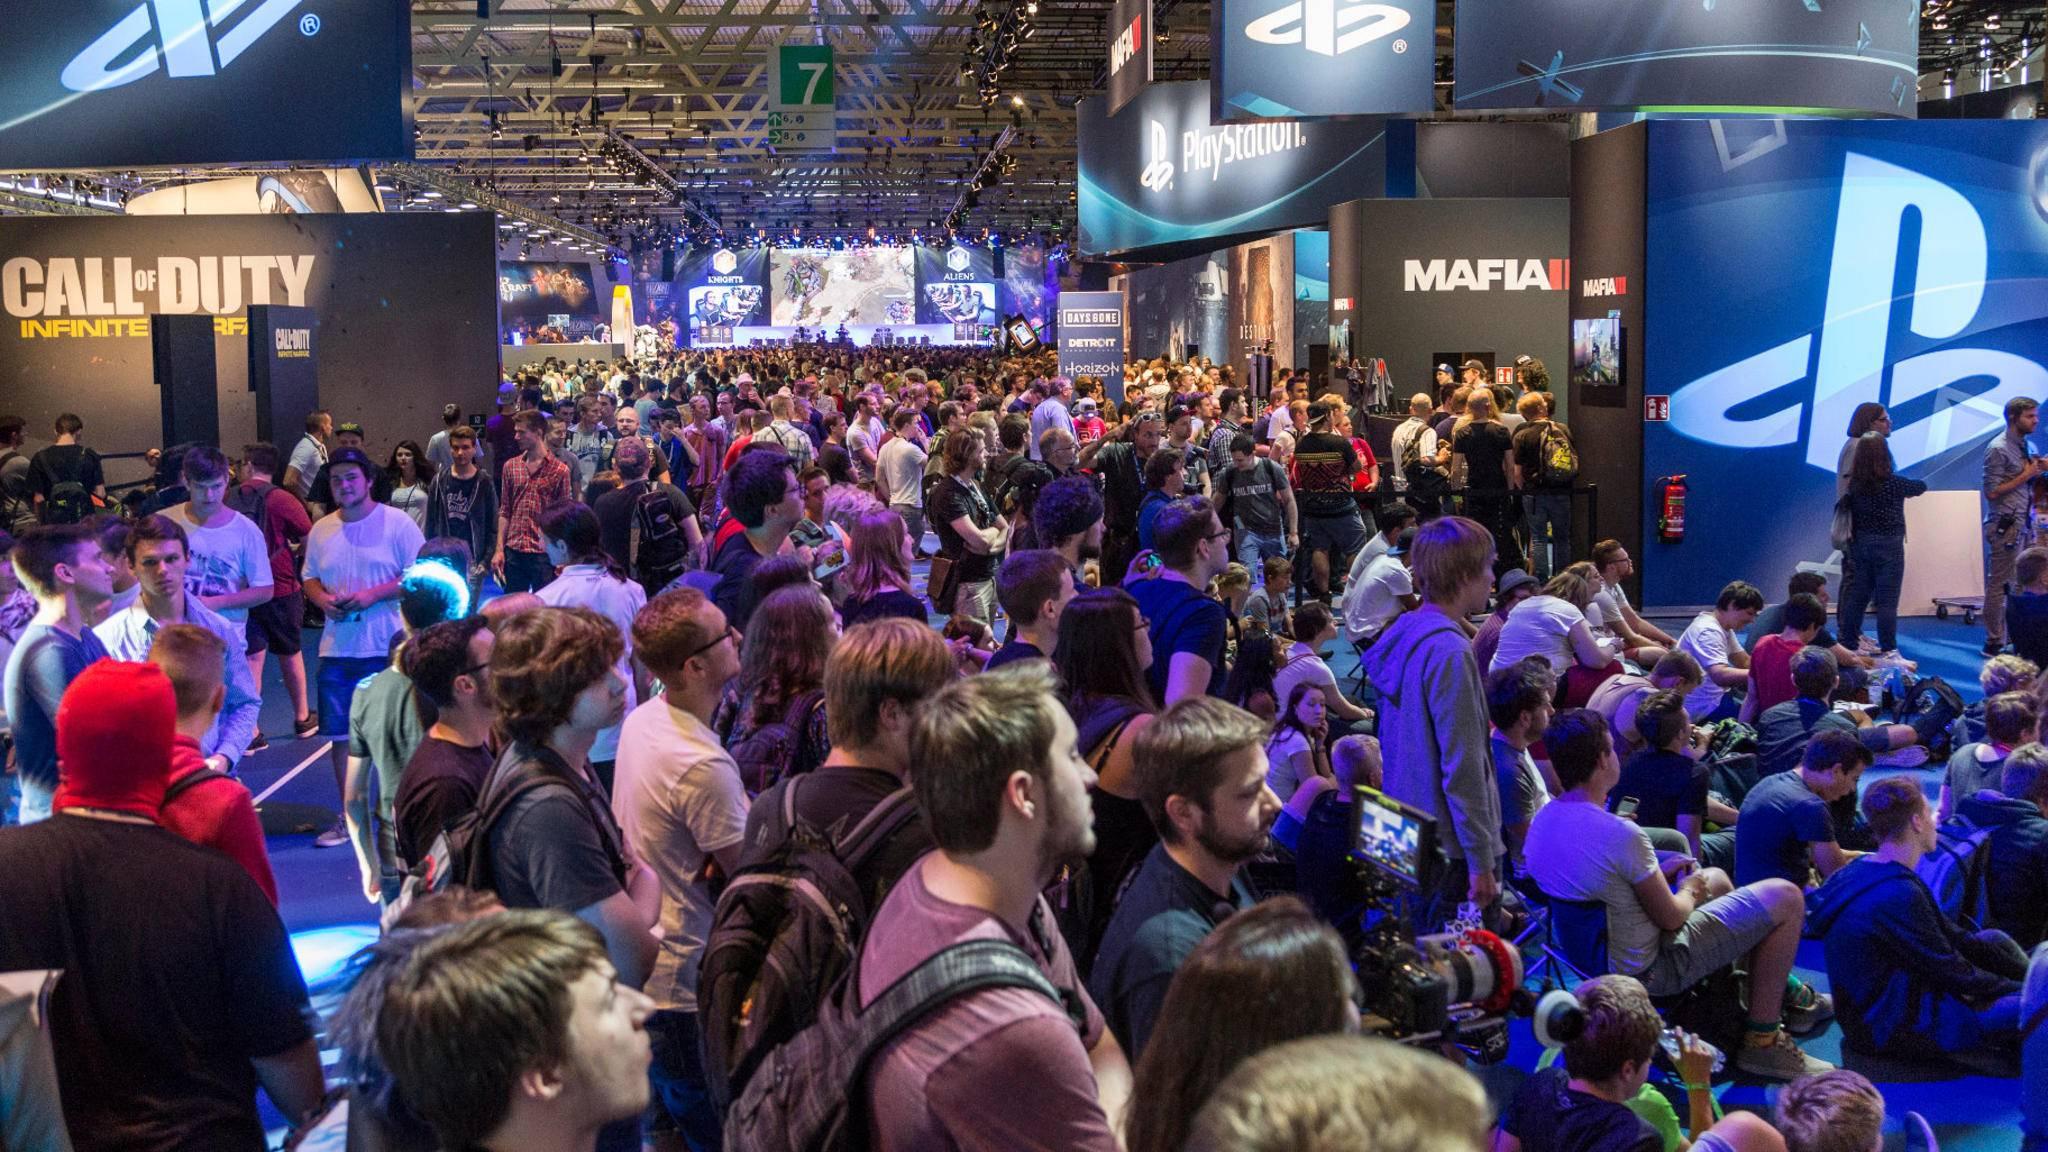 Volles Haus: Auch auf der Gamescom 2017 werden strengere Sicherheitsmaßnahmen nötig sein.